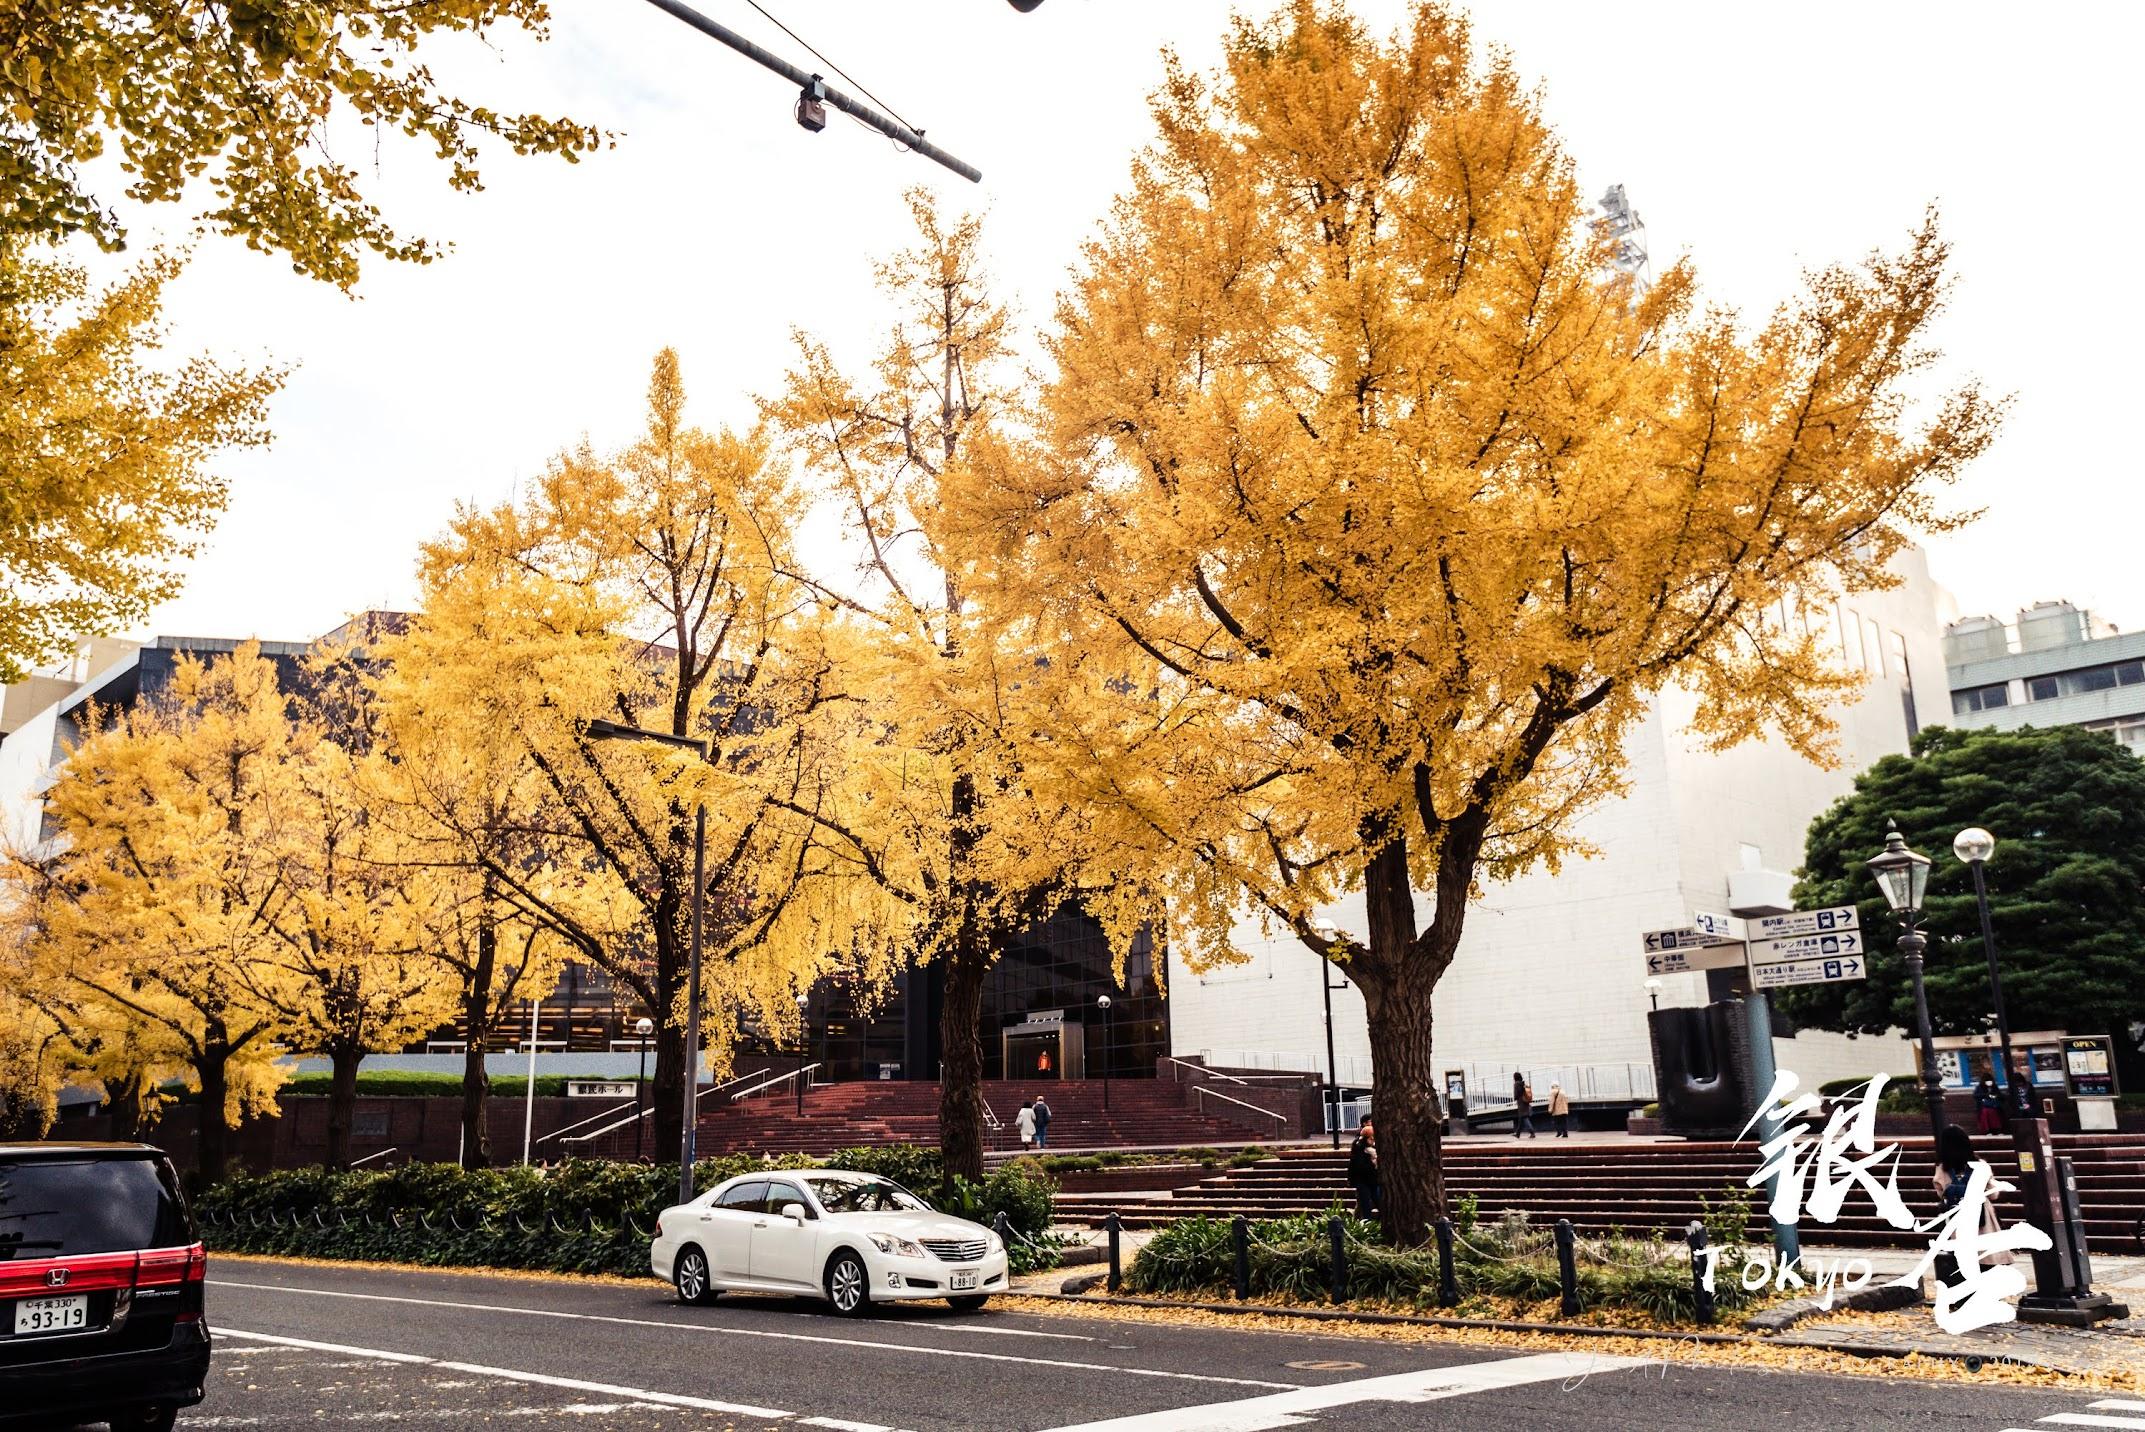 山下公園旁的銀杏大道金黃時刻非常迷人。